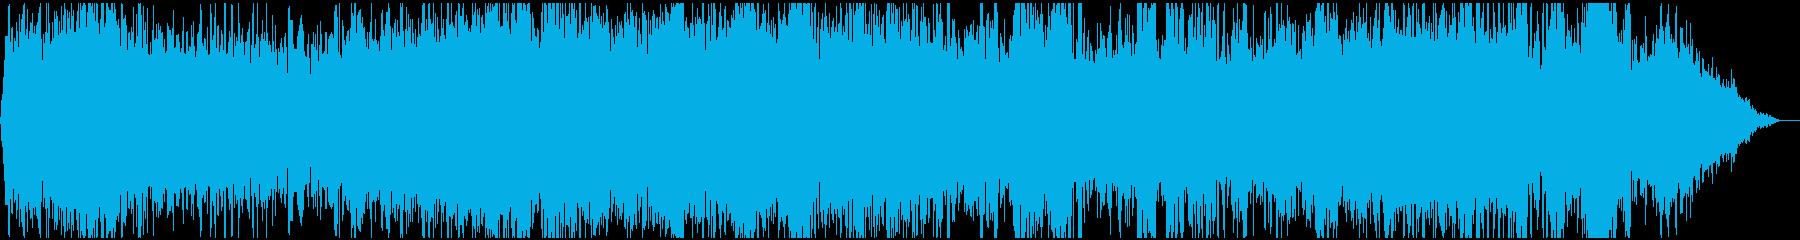 暴走族 01の再生済みの波形